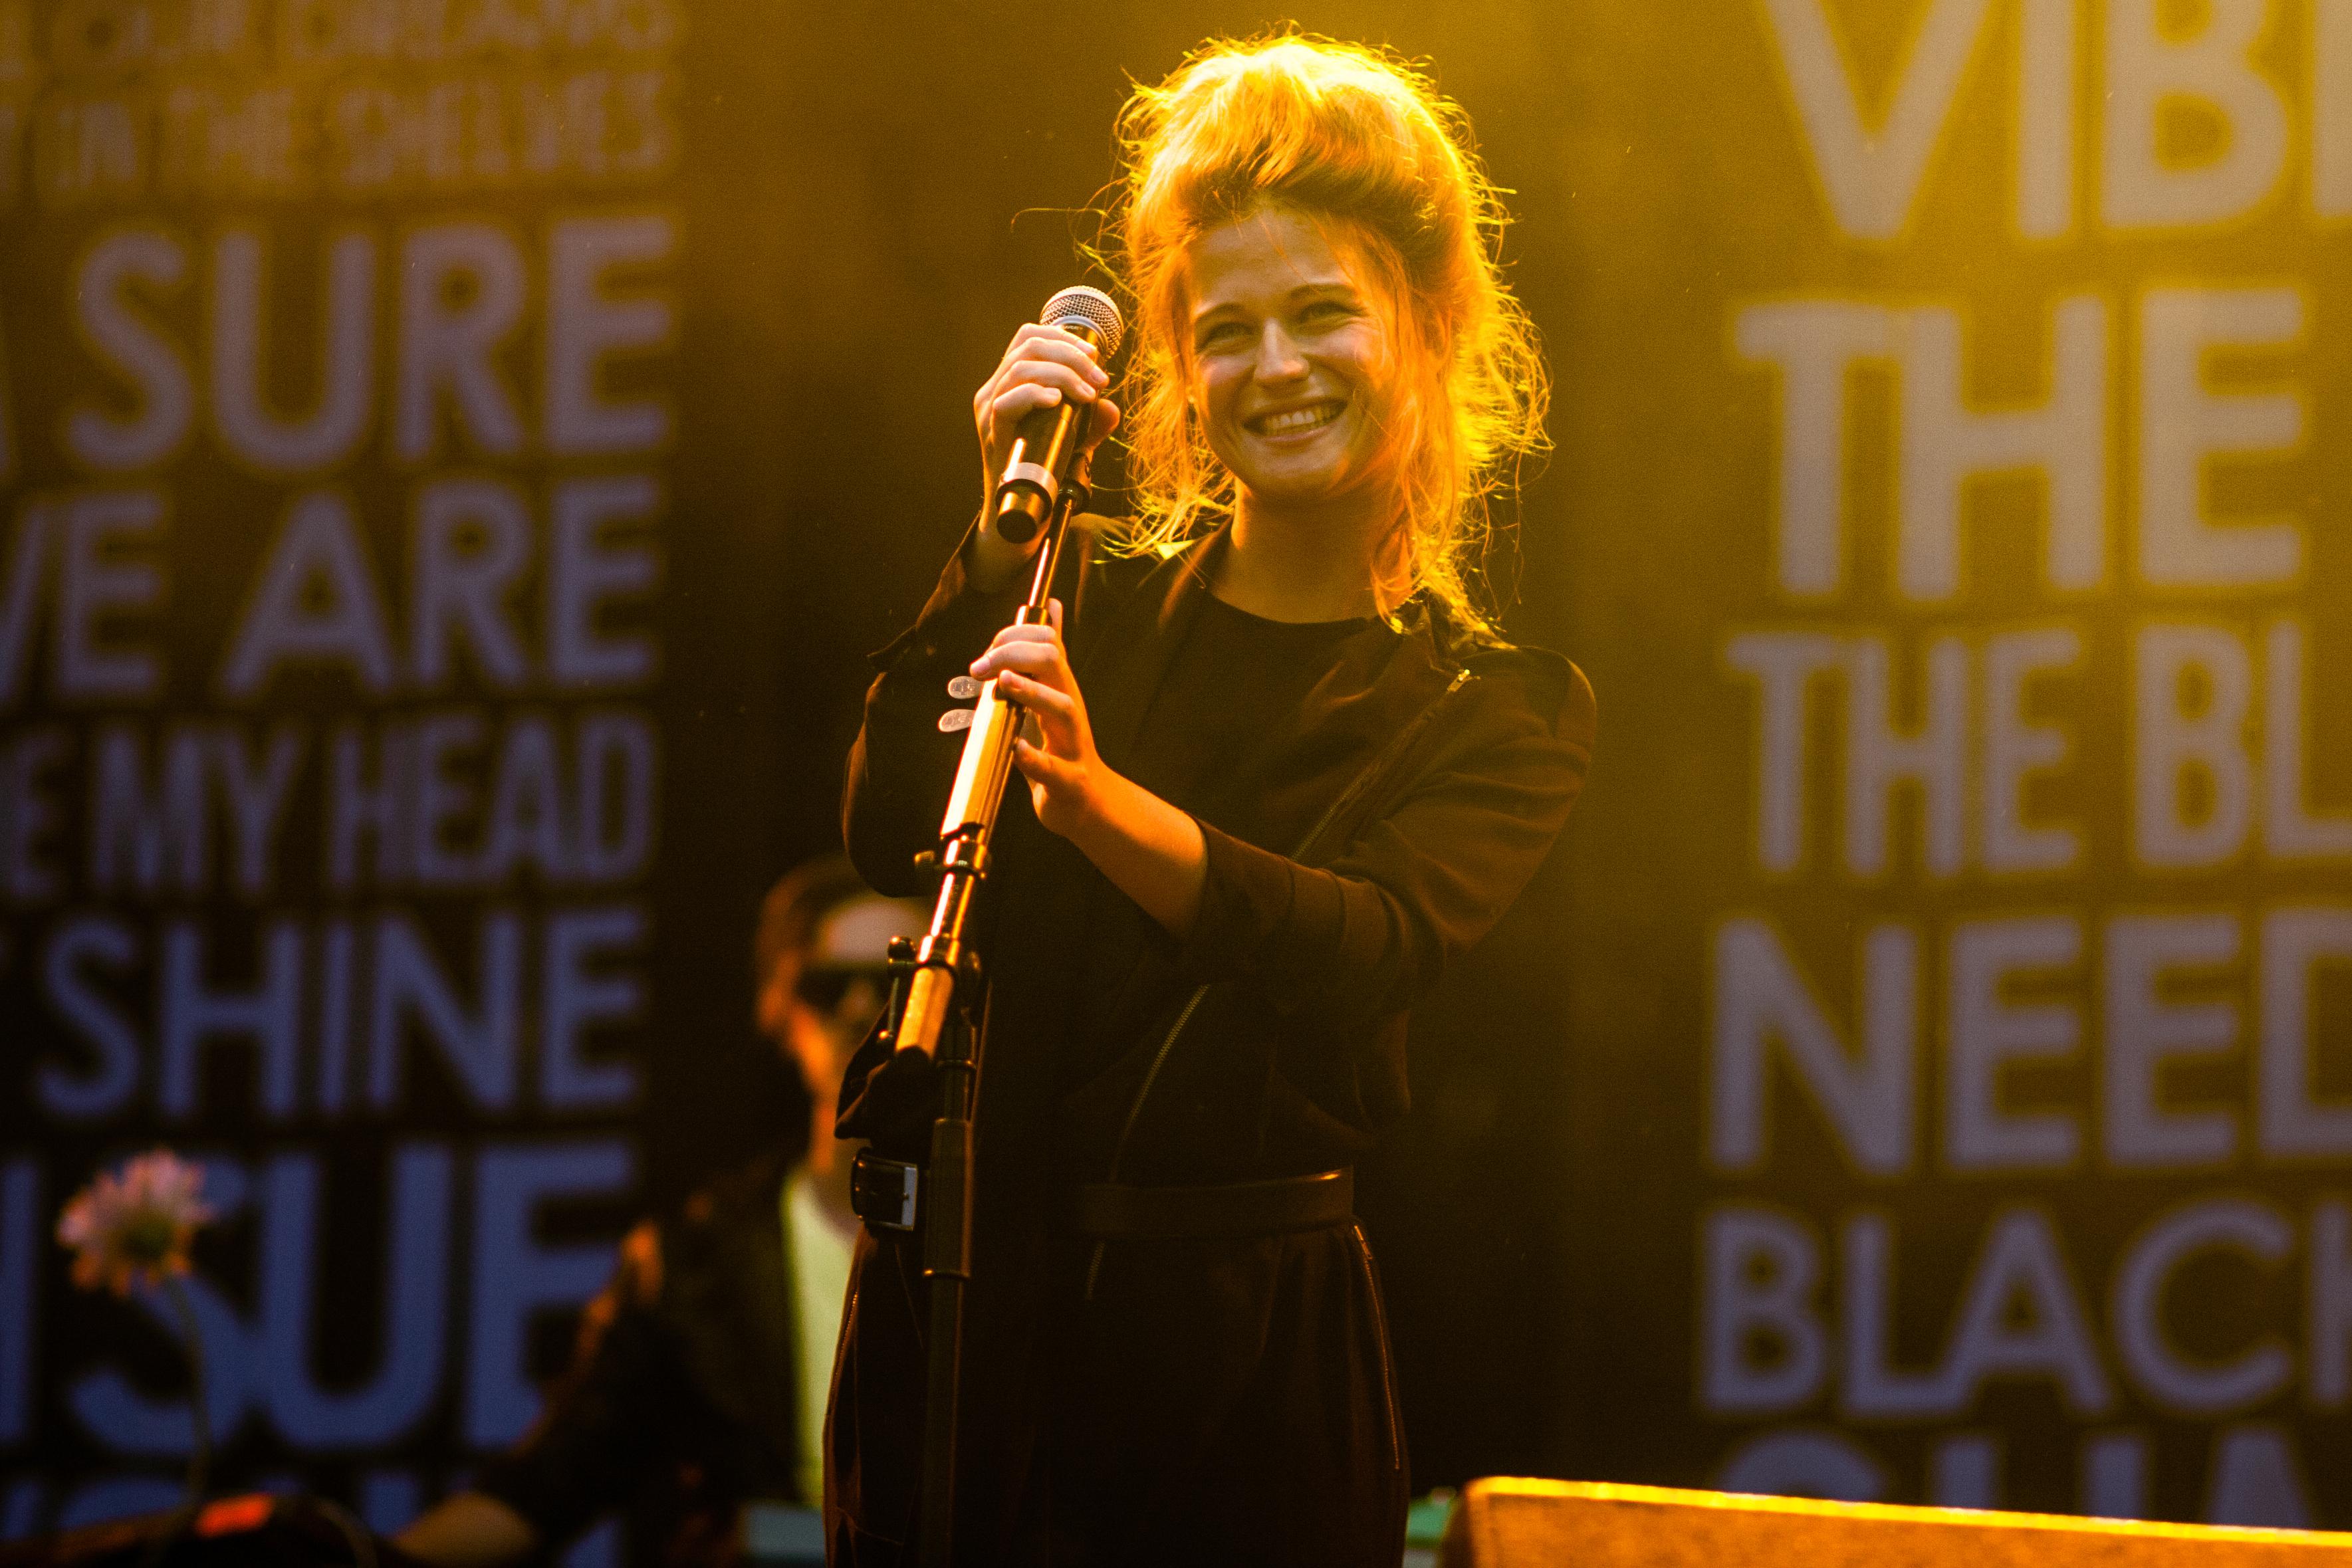 Selah Sue @ Dour 2012, 2012, 40D, Canon, Concert, HQ Photo